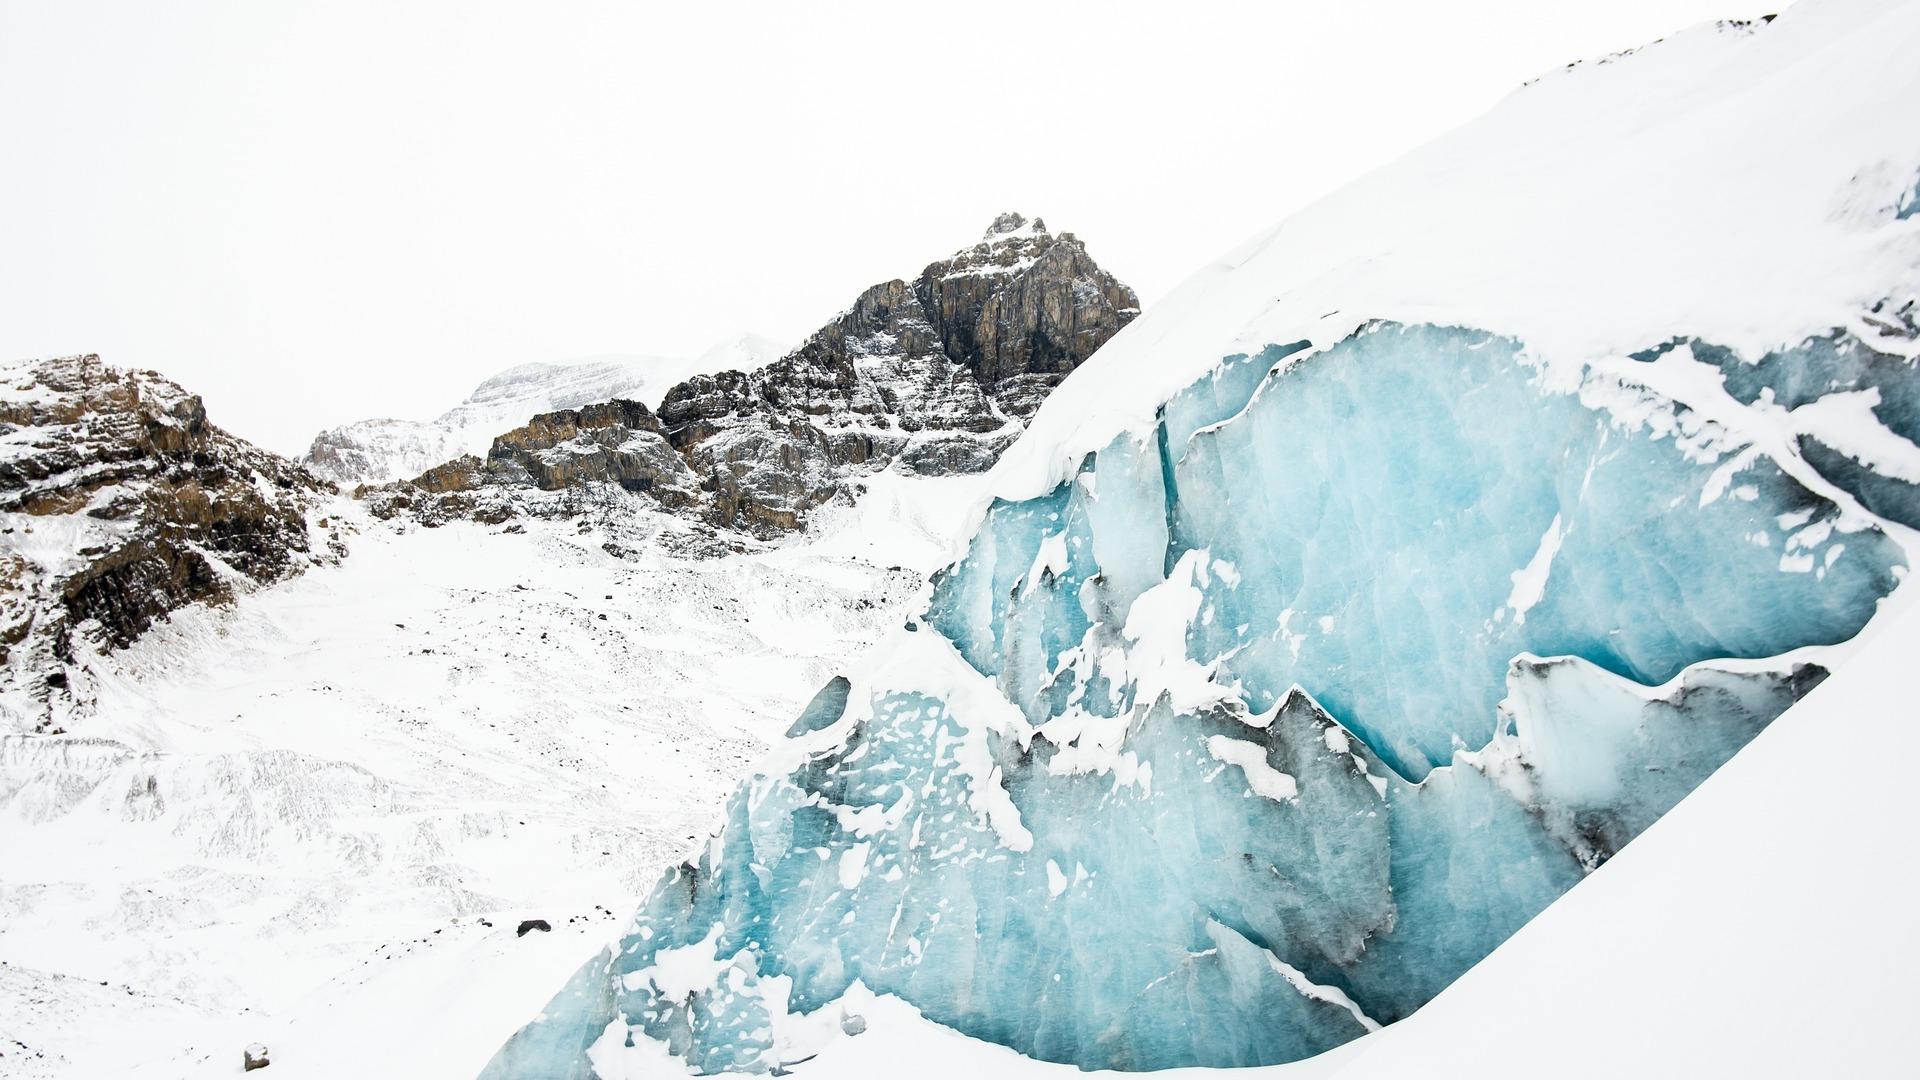 Gletcher in den Alpen